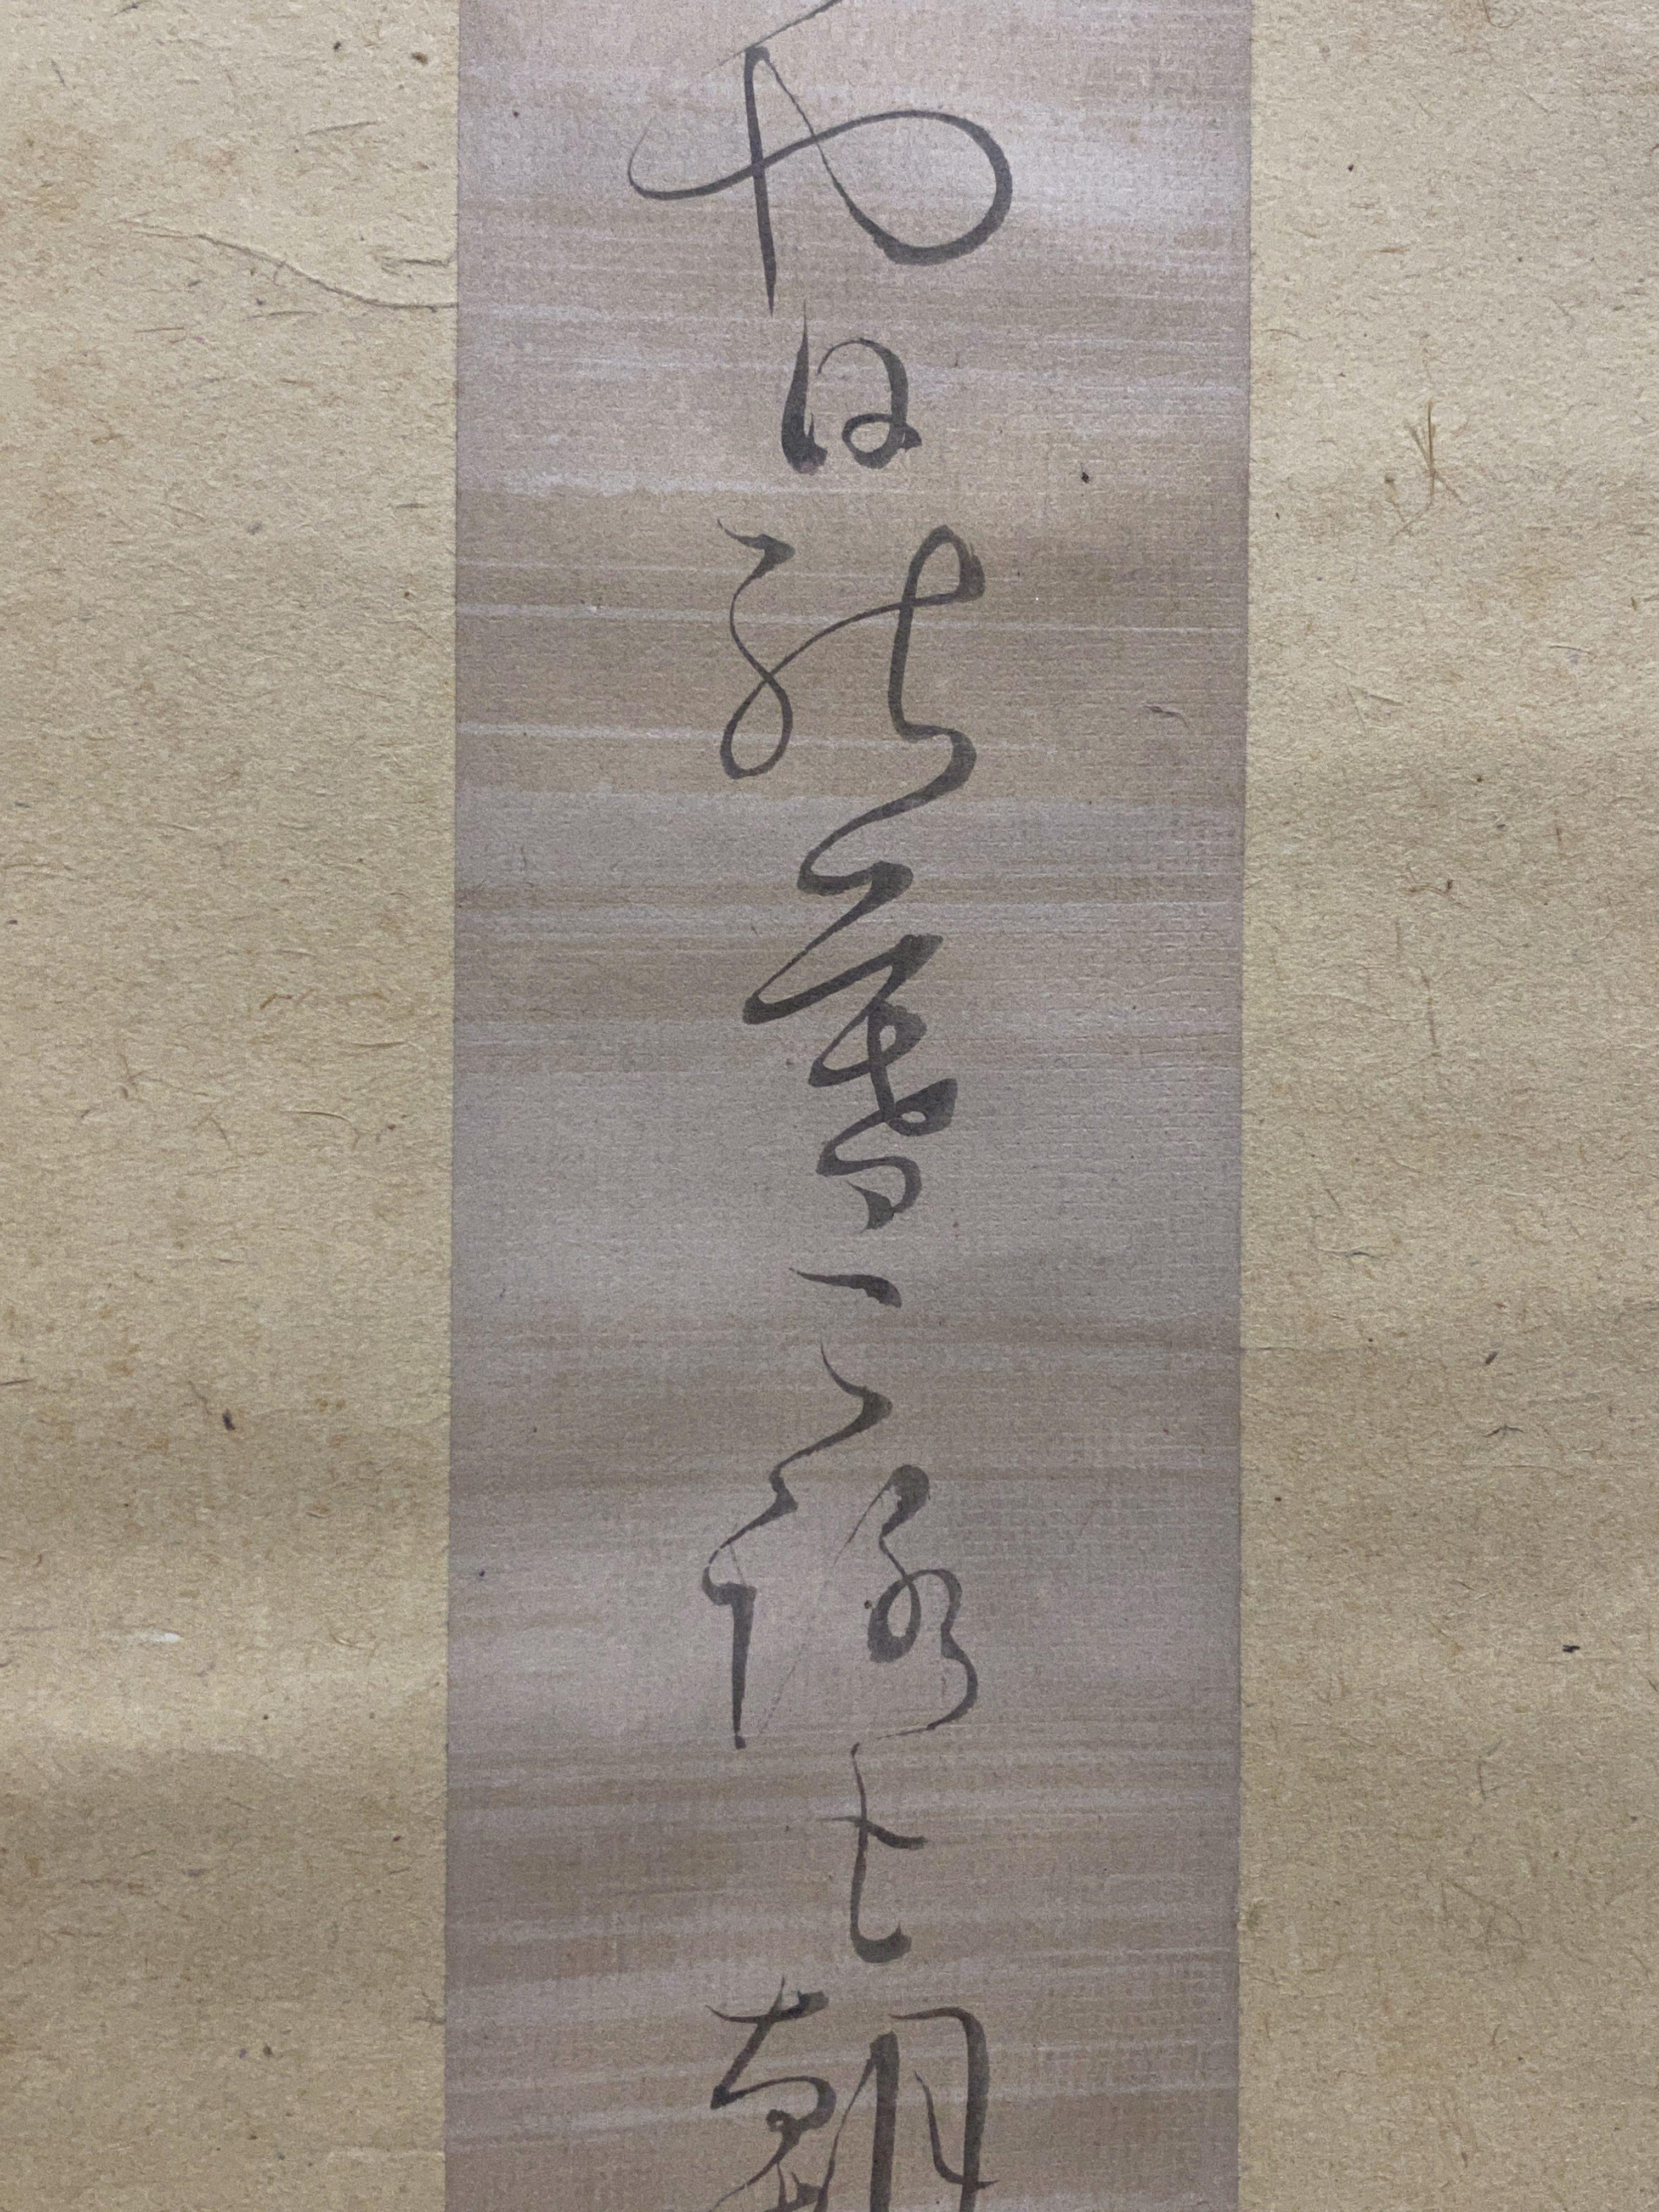 江森月居 鶯や…俳句短冊